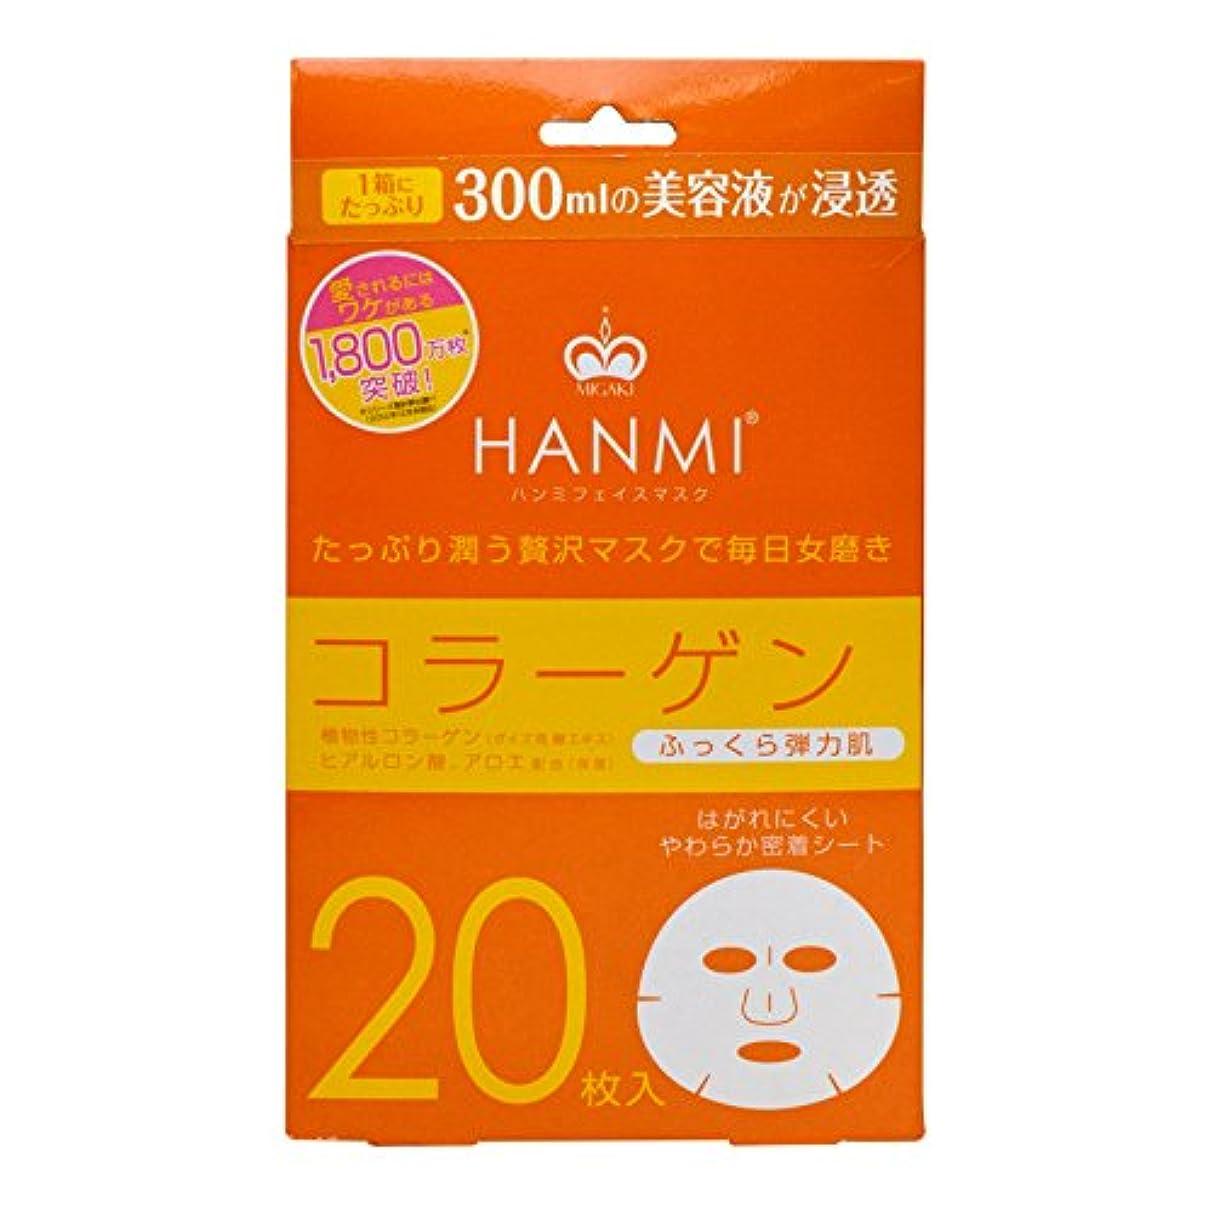 悲惨序文移行するMIGAKI ハンミフェイスマスク コラーゲン 20枚入り